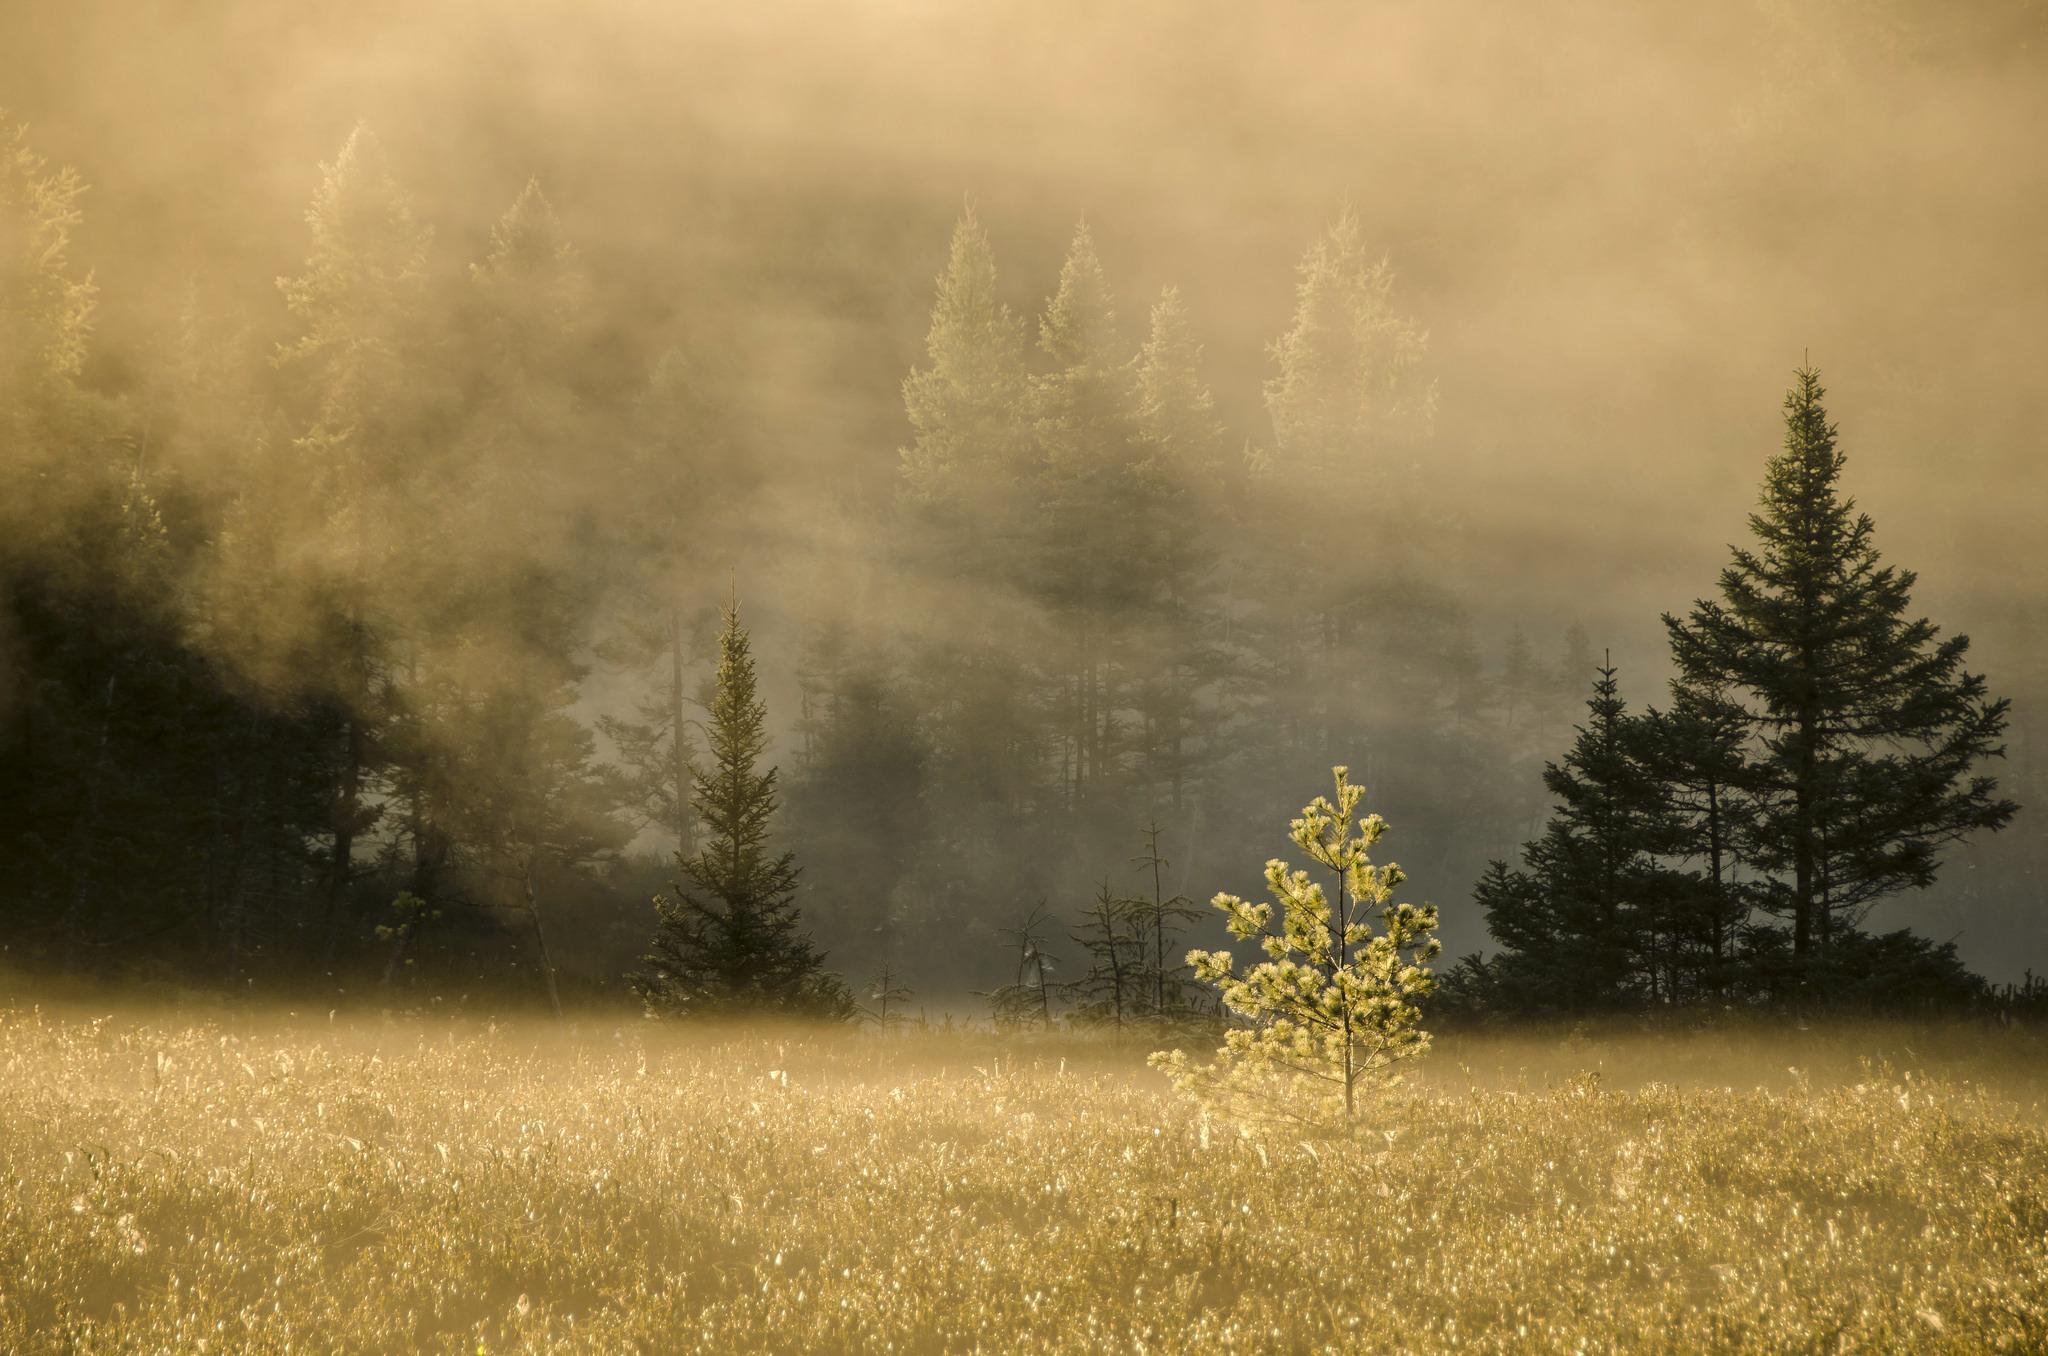 155630 fond d'écran 1080x2400 sur votre téléphone gratuitement, téléchargez des images Nature, Arbres, Herbe, Forêt, Brouillard 1080x2400 sur votre mobile